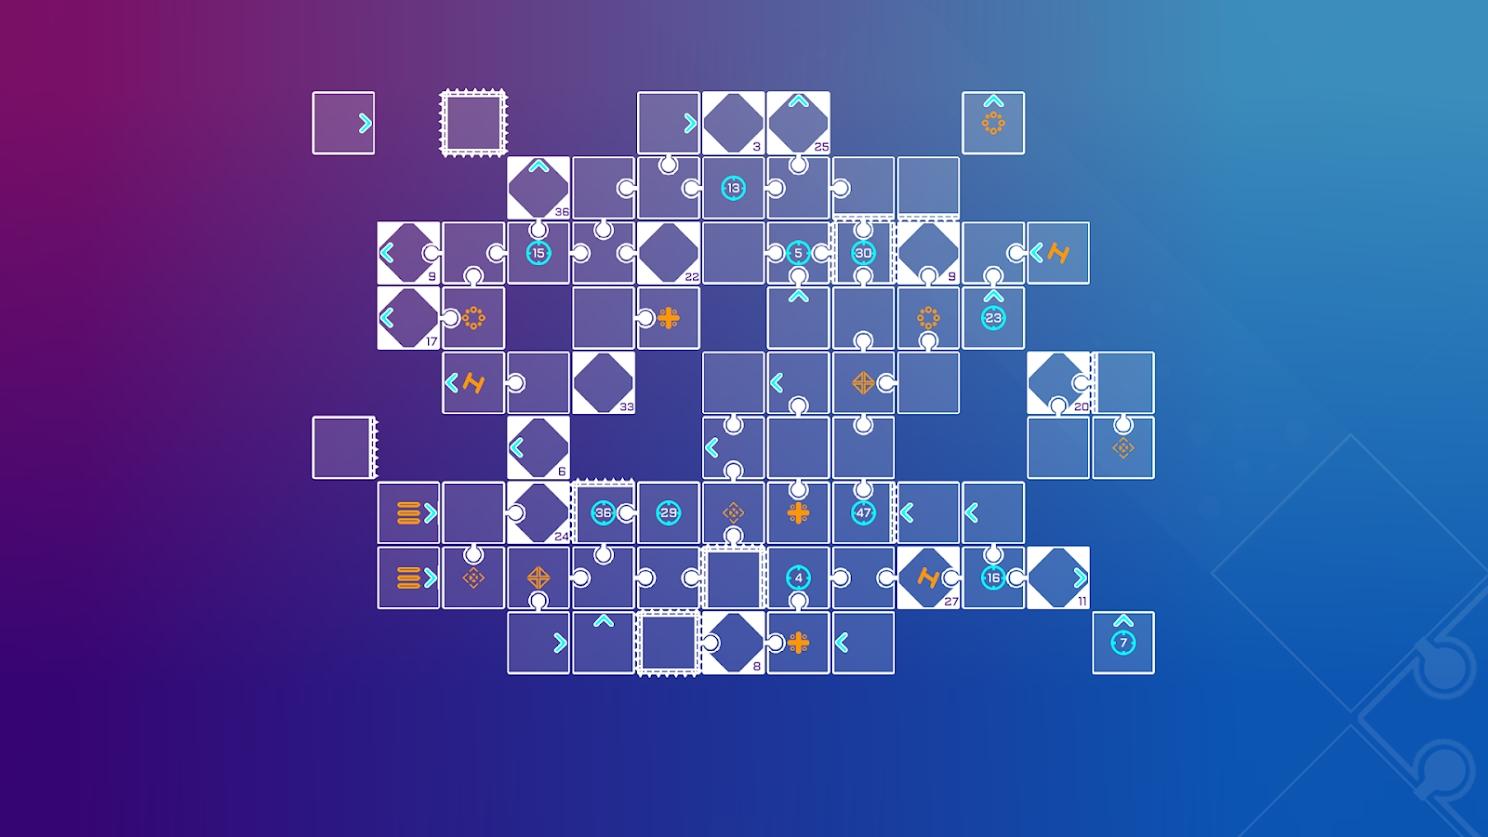 抗压脑筋急转弯游戏图2